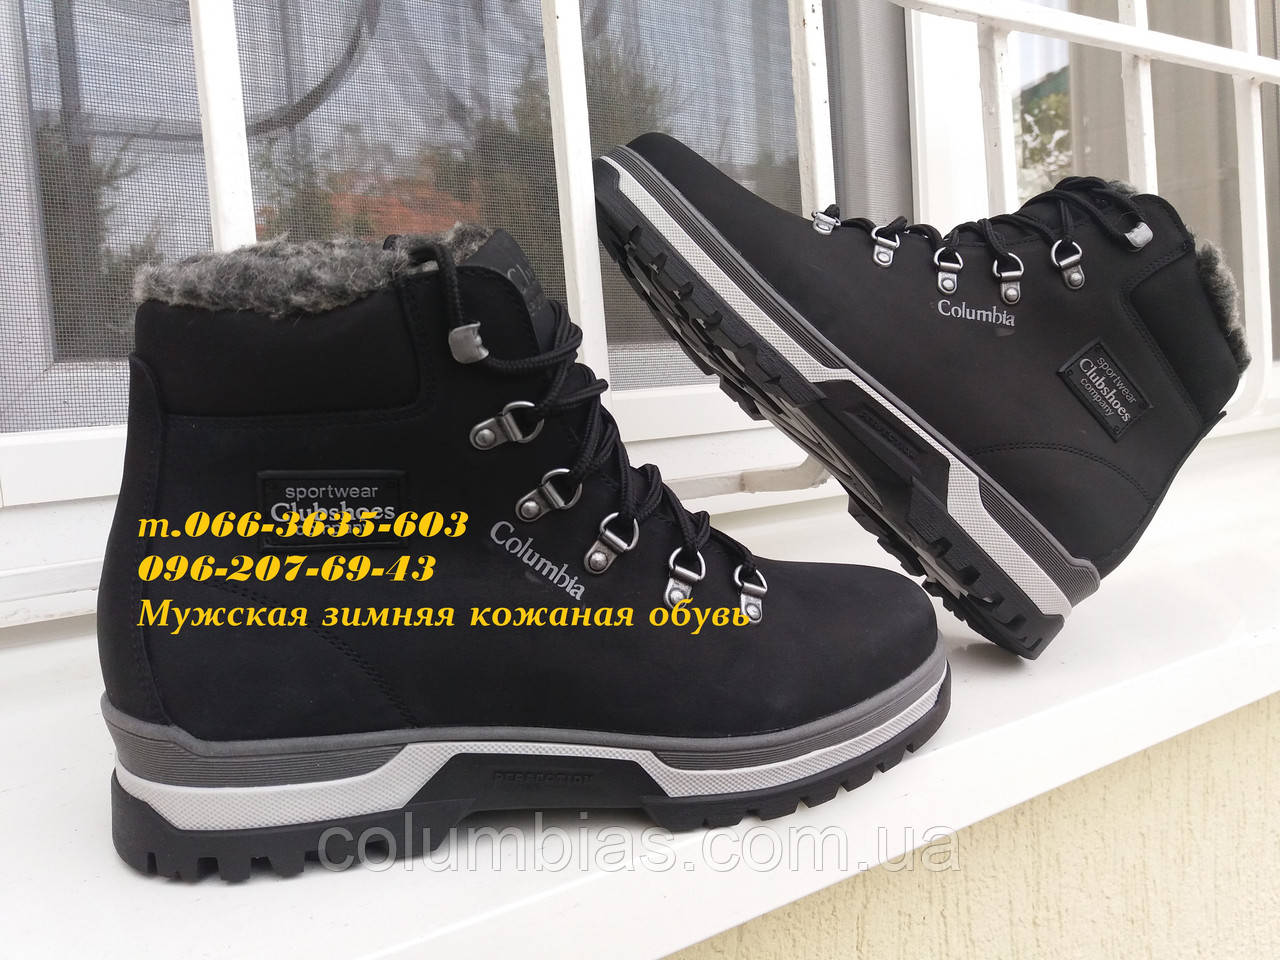 Зимние высокие ботинки Columвia